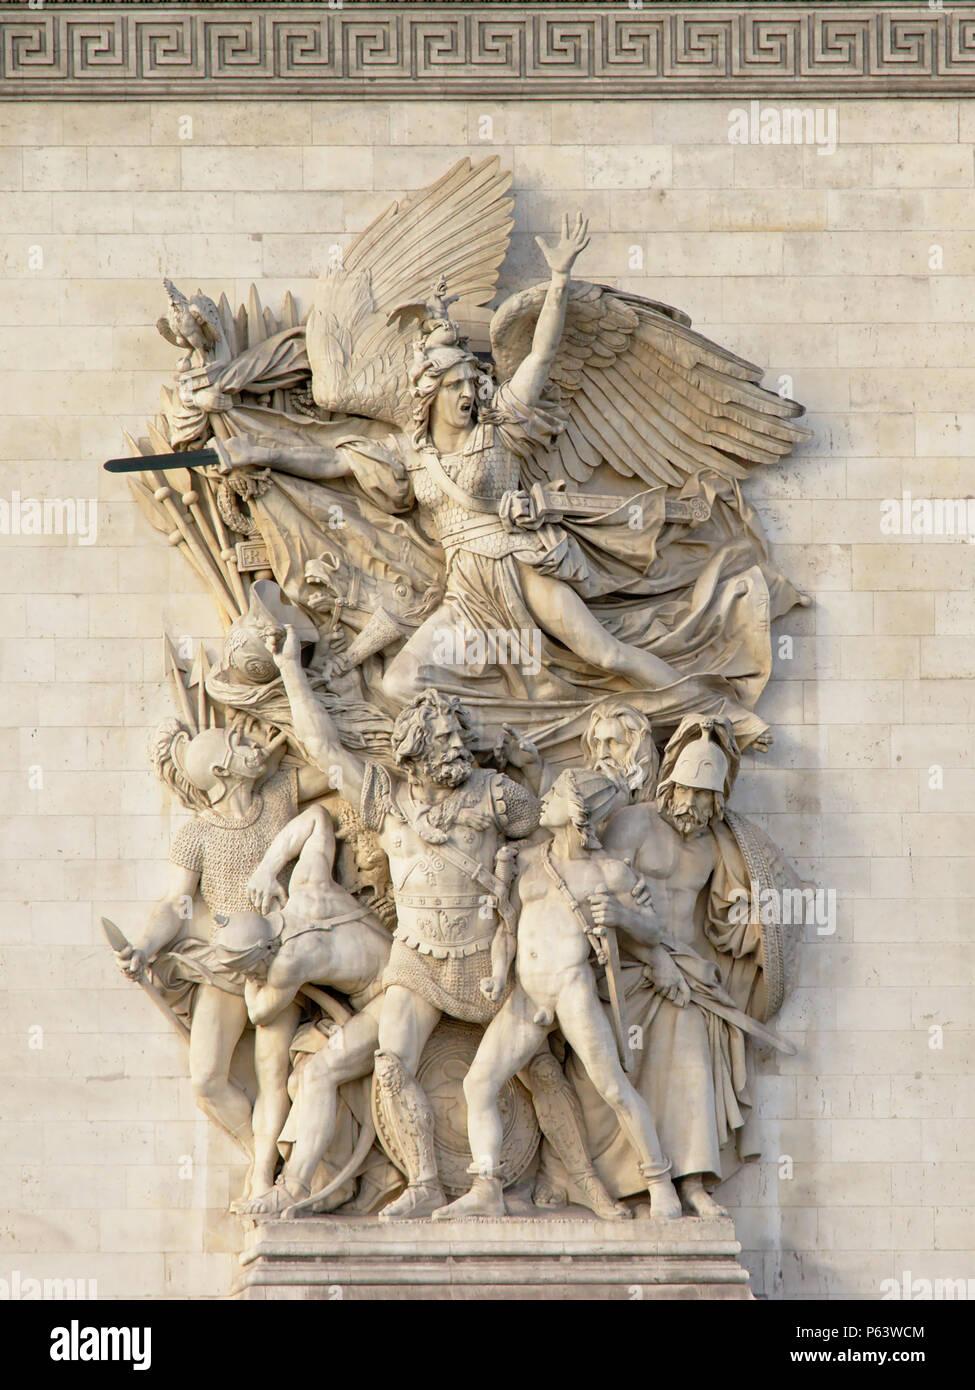 Bas relief stone Sculpture of `le depart` by antoine etex, detail of Arc de Triomphe, Paris Stock Photo